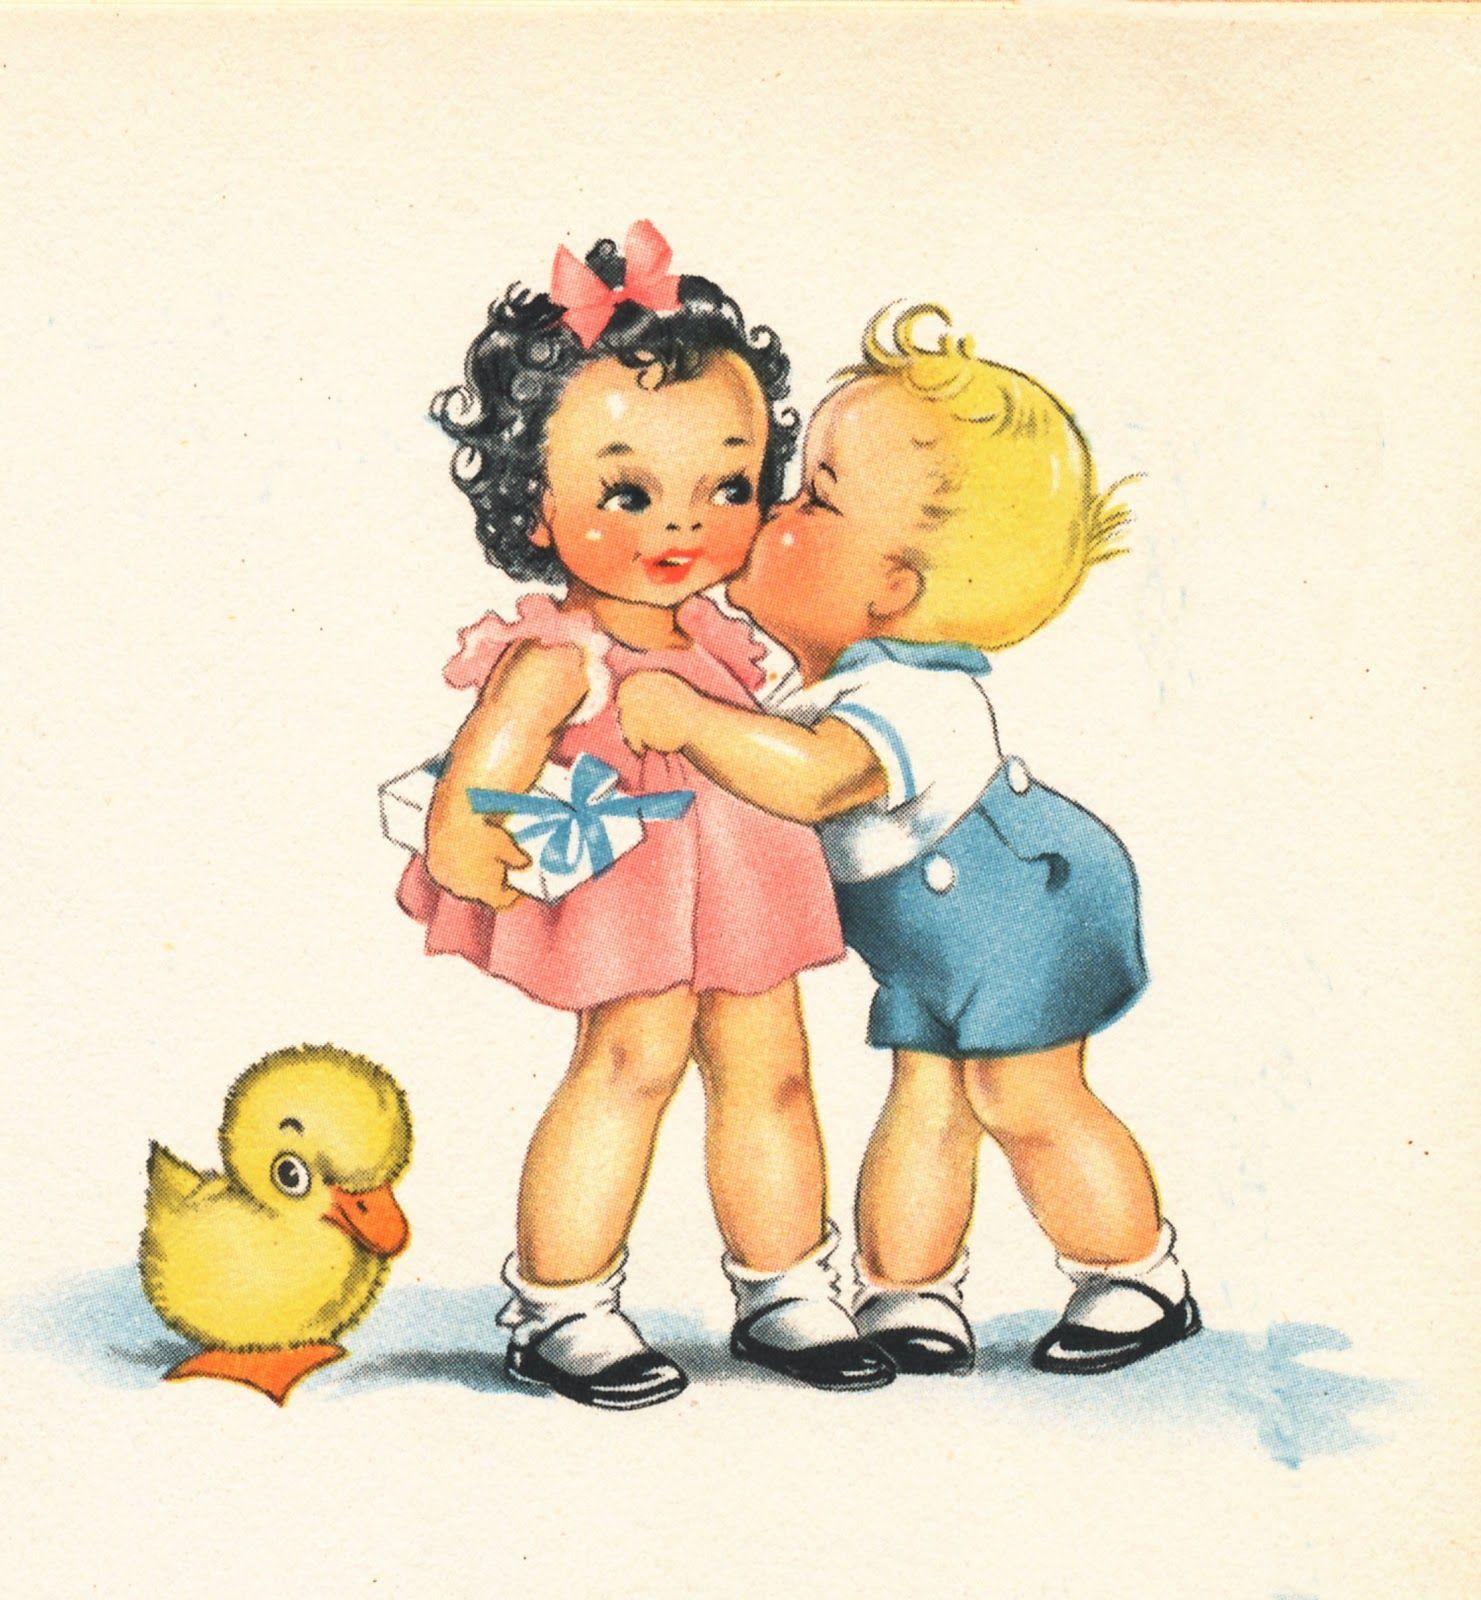 Vintage love cards buscar con google laminas antiguas - Ilustraciones infantiles antiguas ...